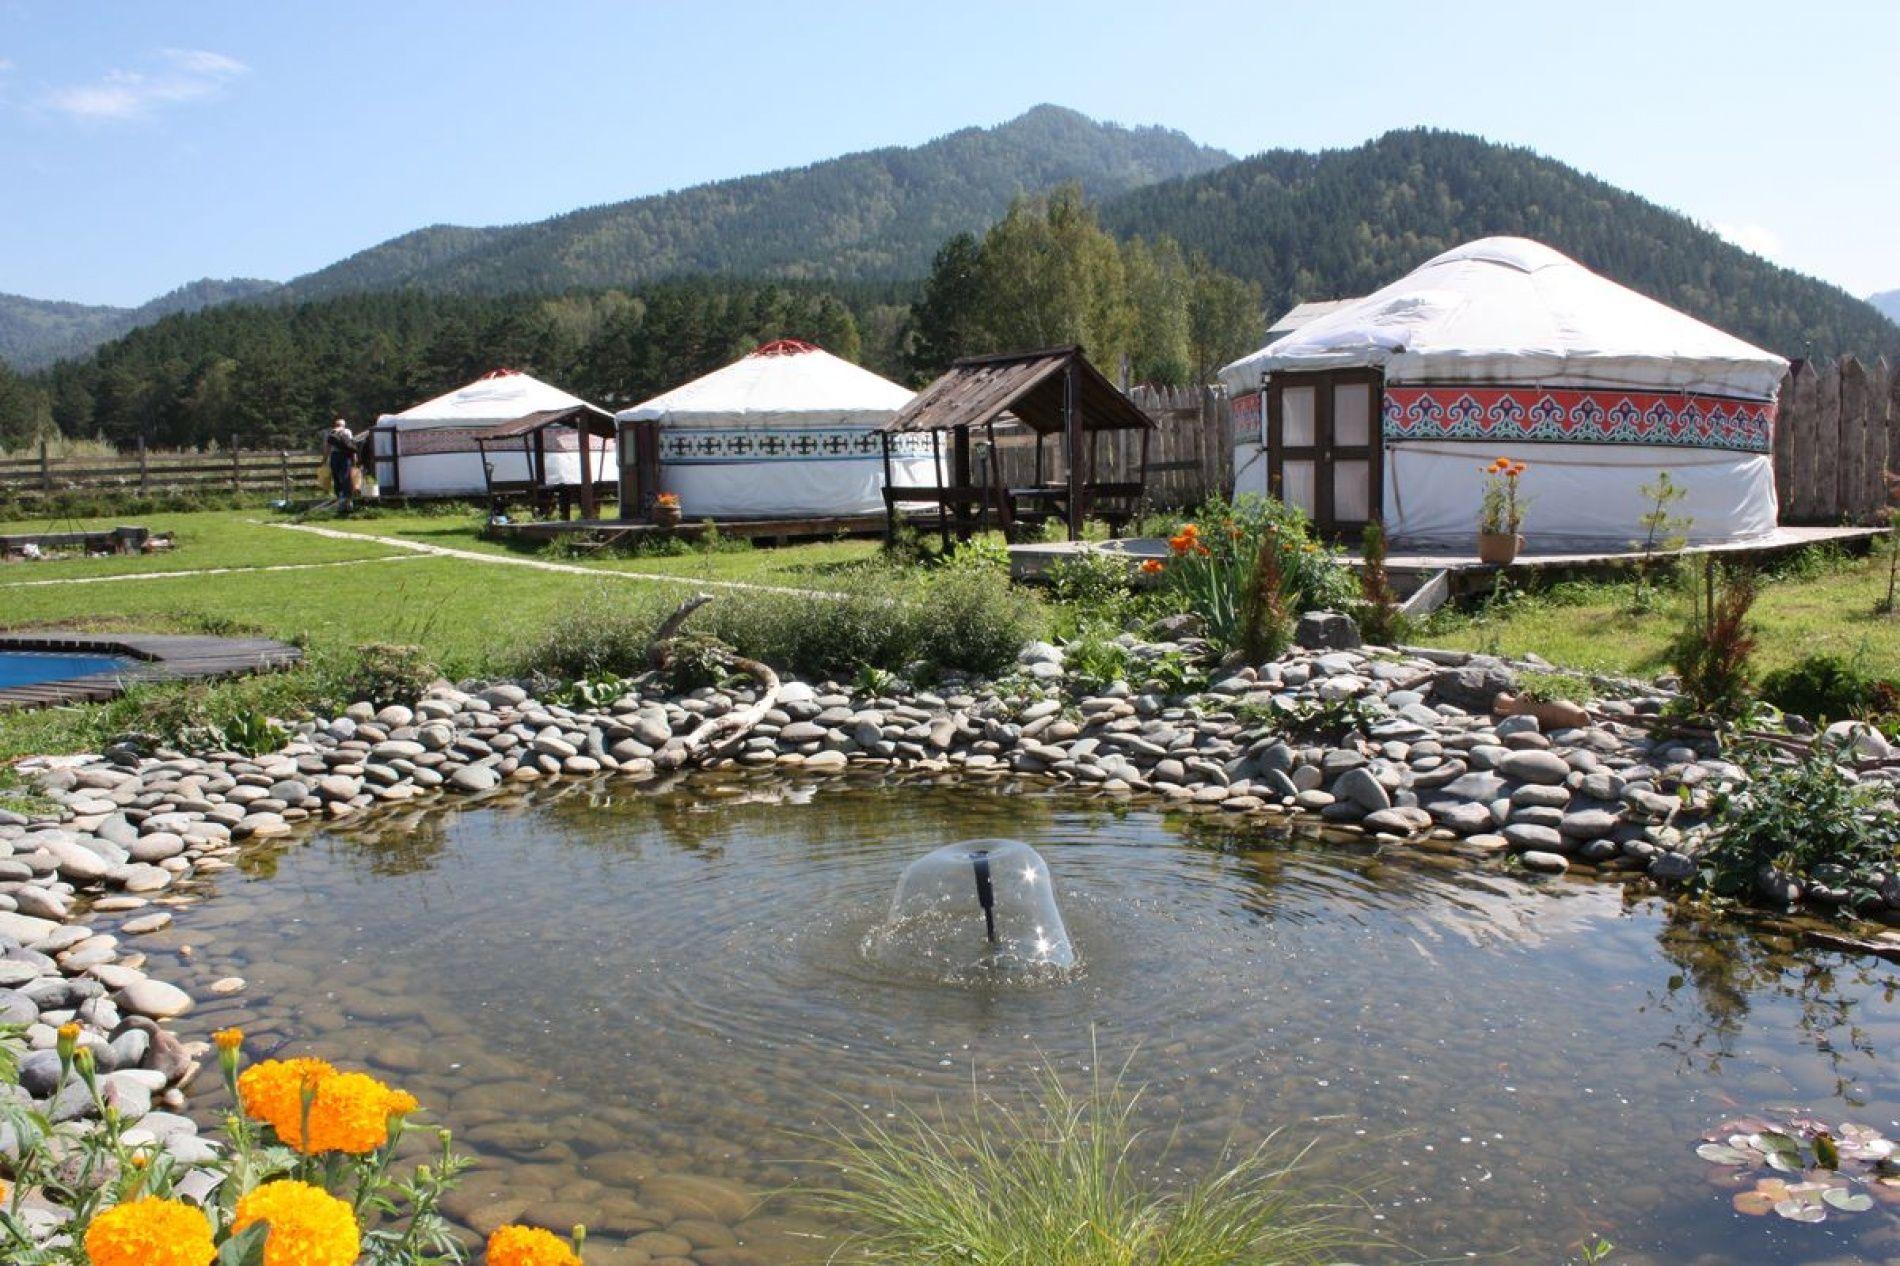 село барангол горный алтай фото прекрасно